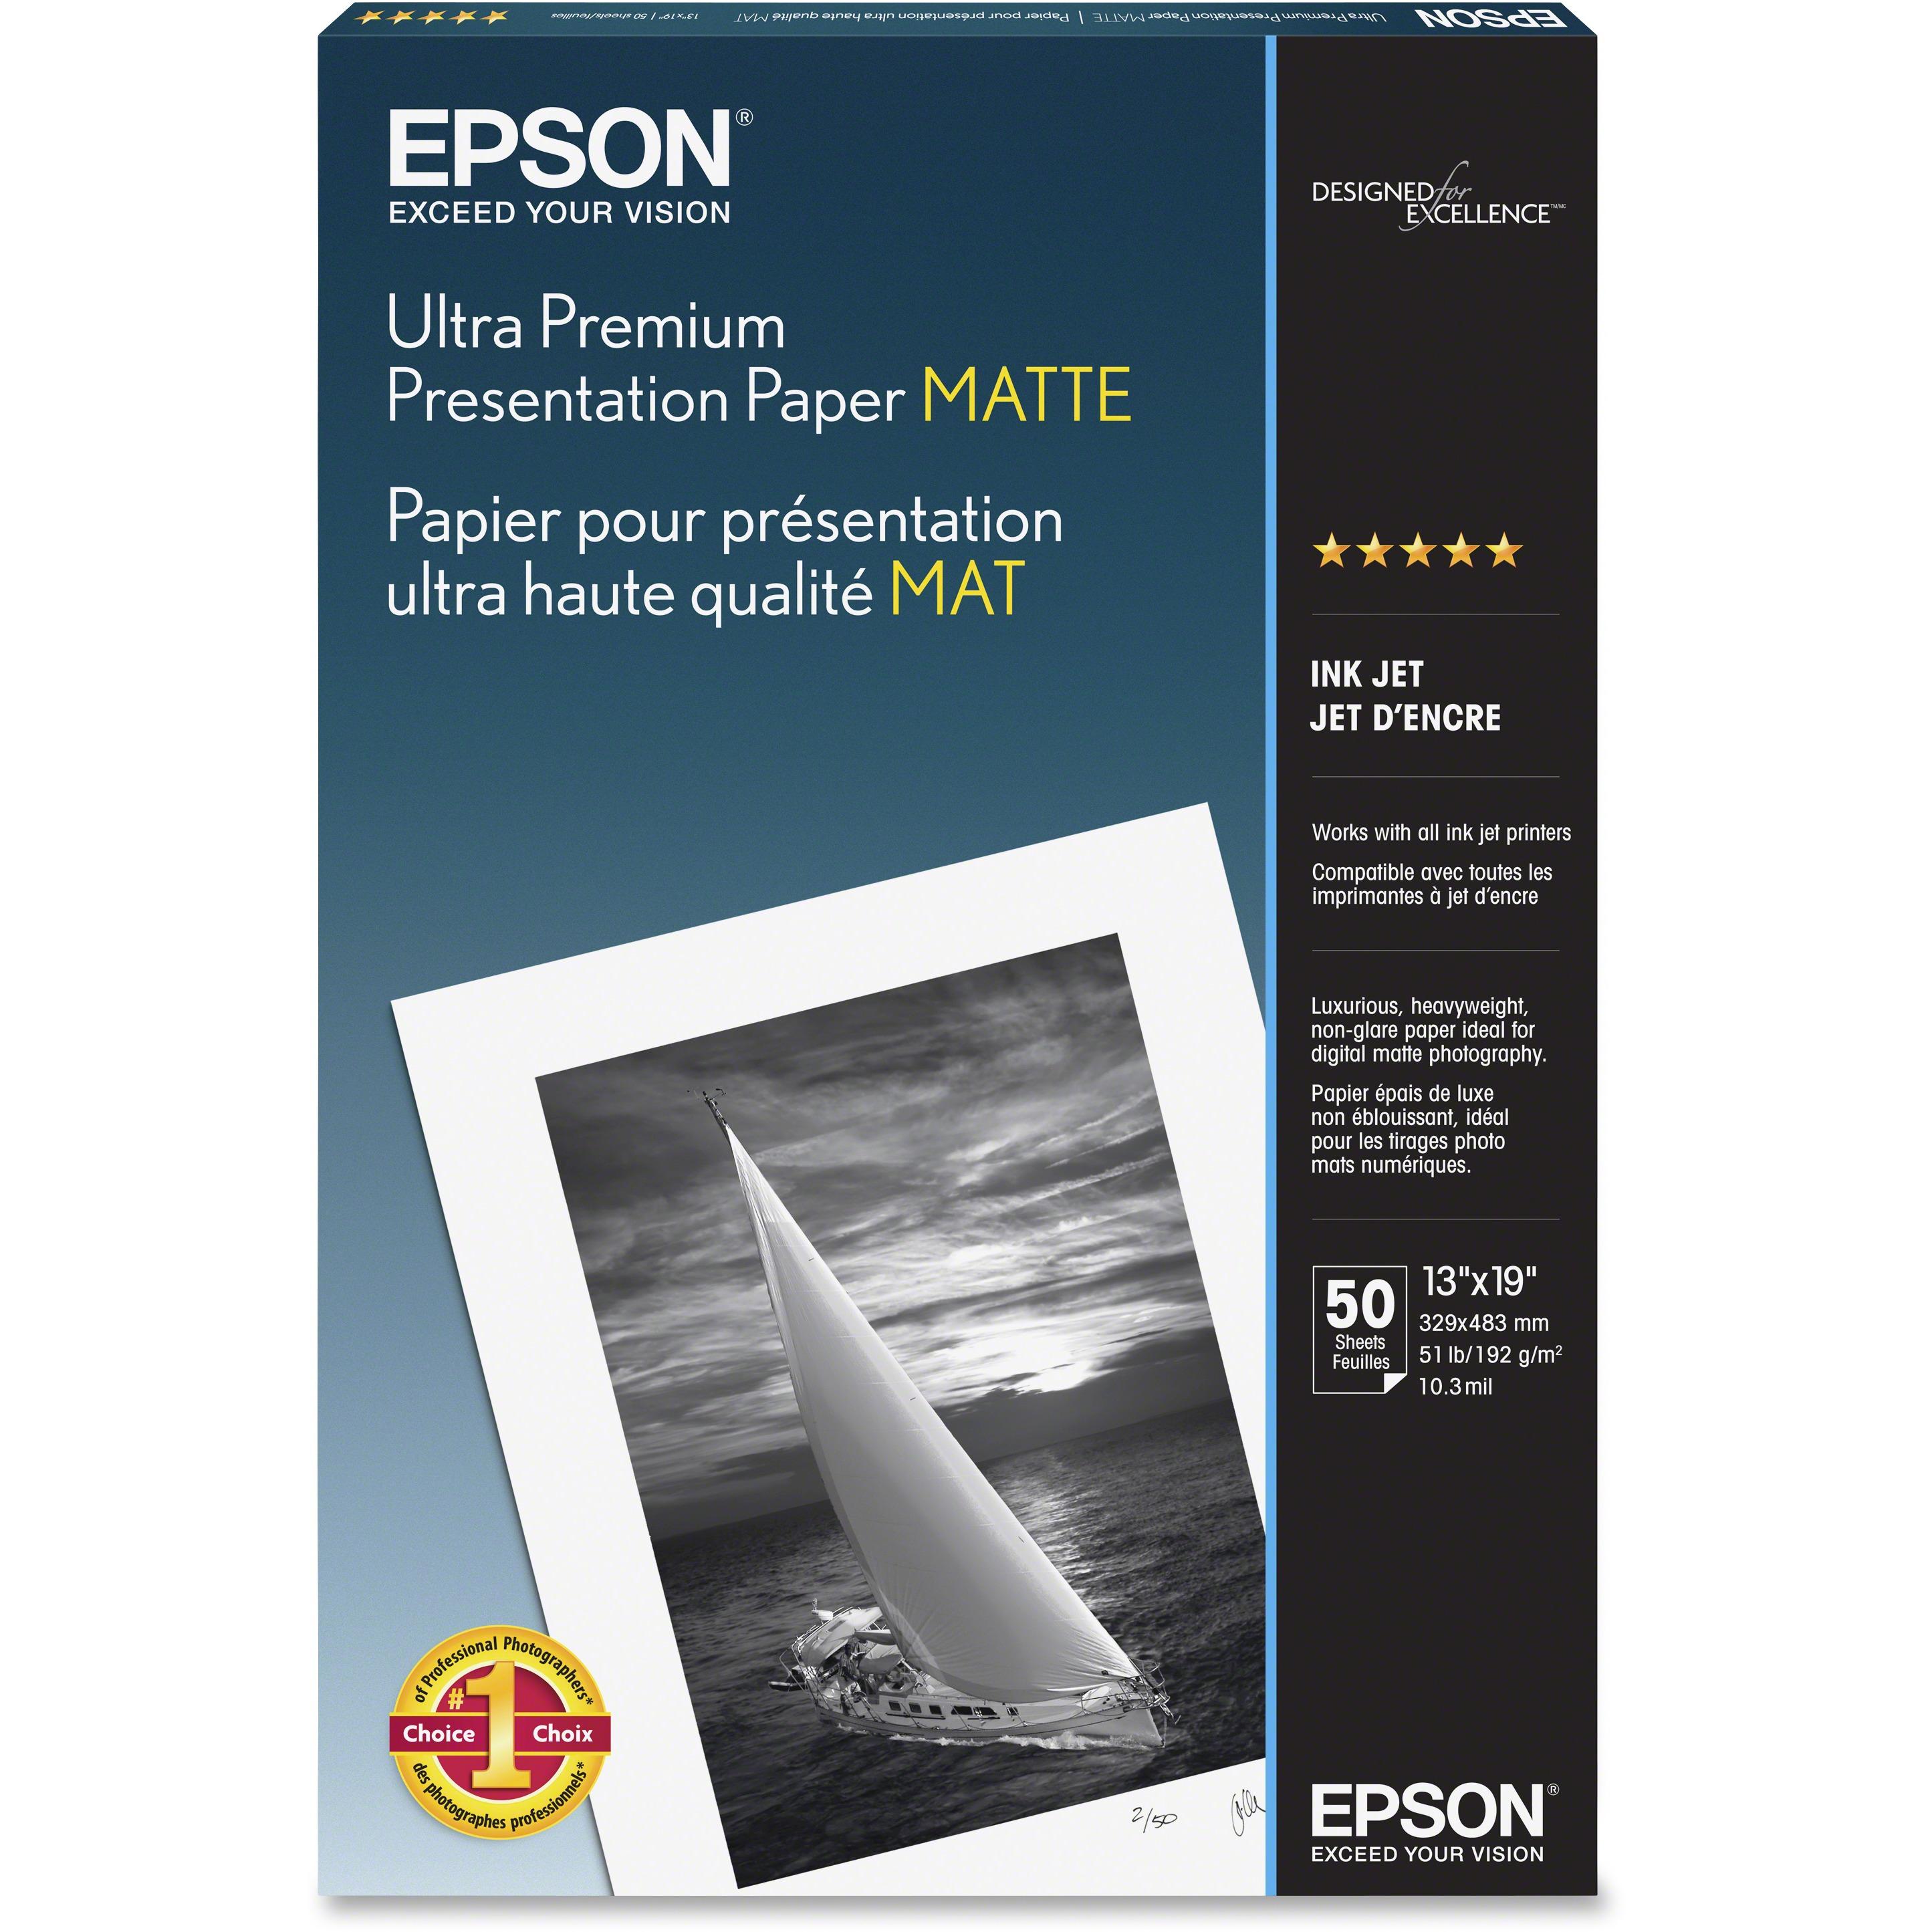 Epson, EPSS041339, Ultra Premium Matte Presentation Paper, 50 / Pack, White